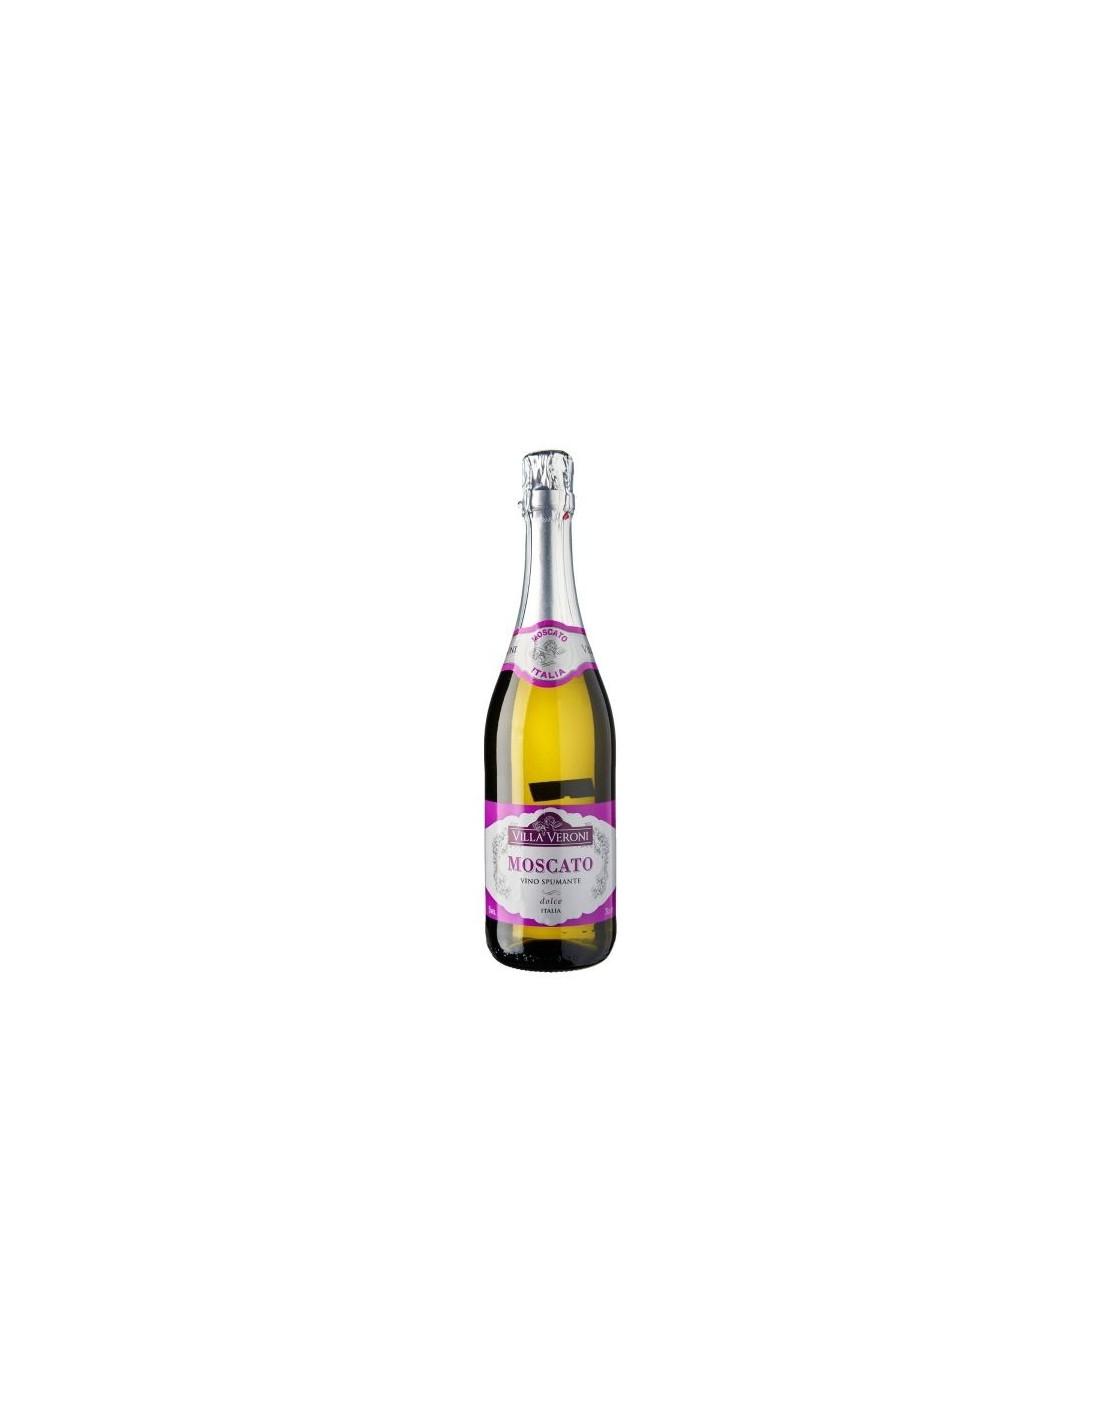 Vin spumos prosecco alb dulce Moscato, Villa Veroni, 0.75L,, Italia